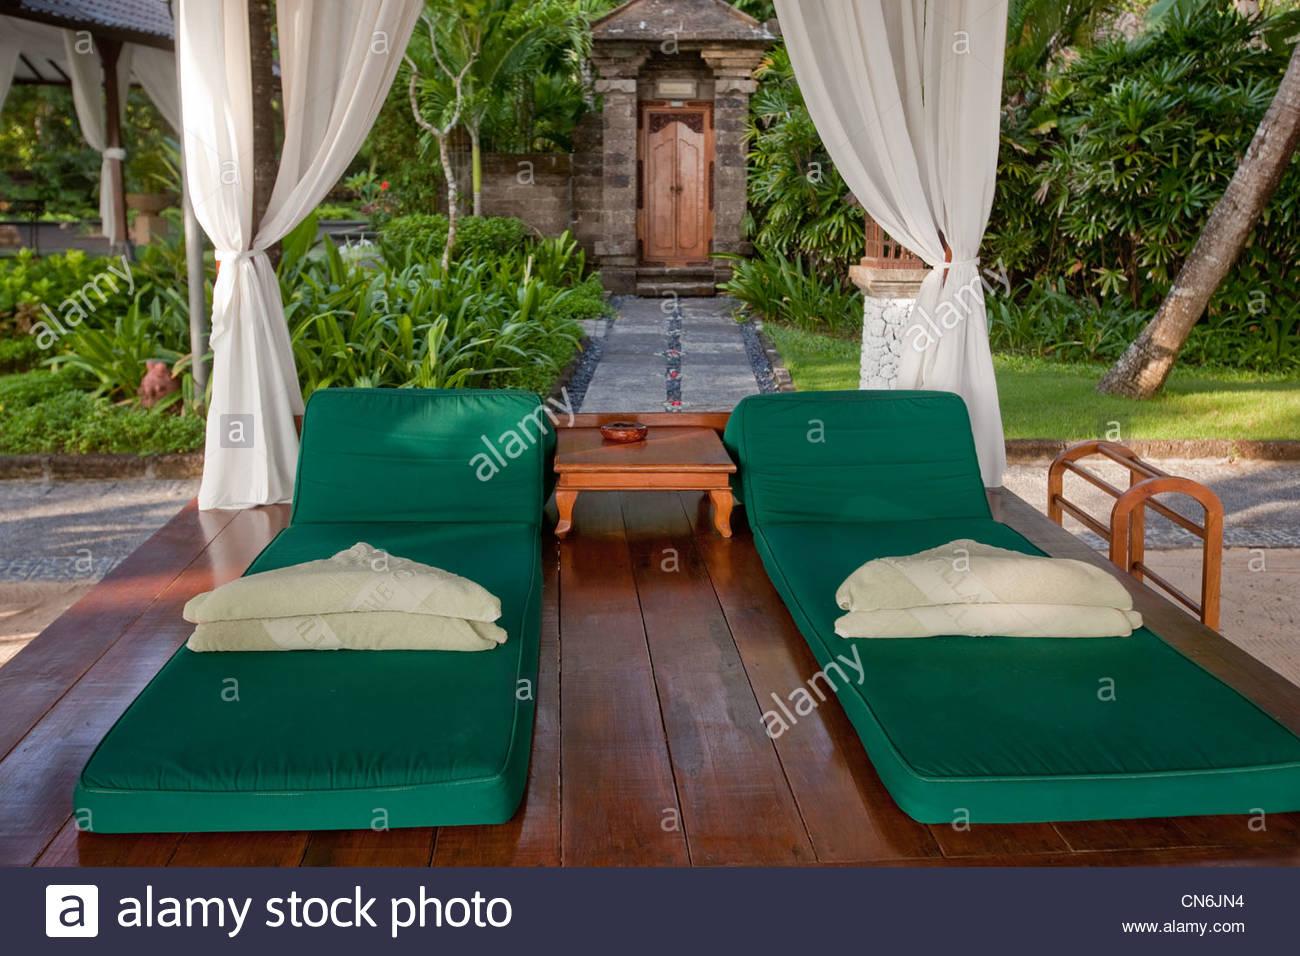 Full Size of Bali Bett Outdoor Kaufen Htte In Einem Tempel Indonesien Stockfoto Clinique Even Better Hülsta Betten Luxus Jugendzimmer Such Frau Fürs Breit 180x220 Mit Wohnzimmer Bali Bett Outdoor